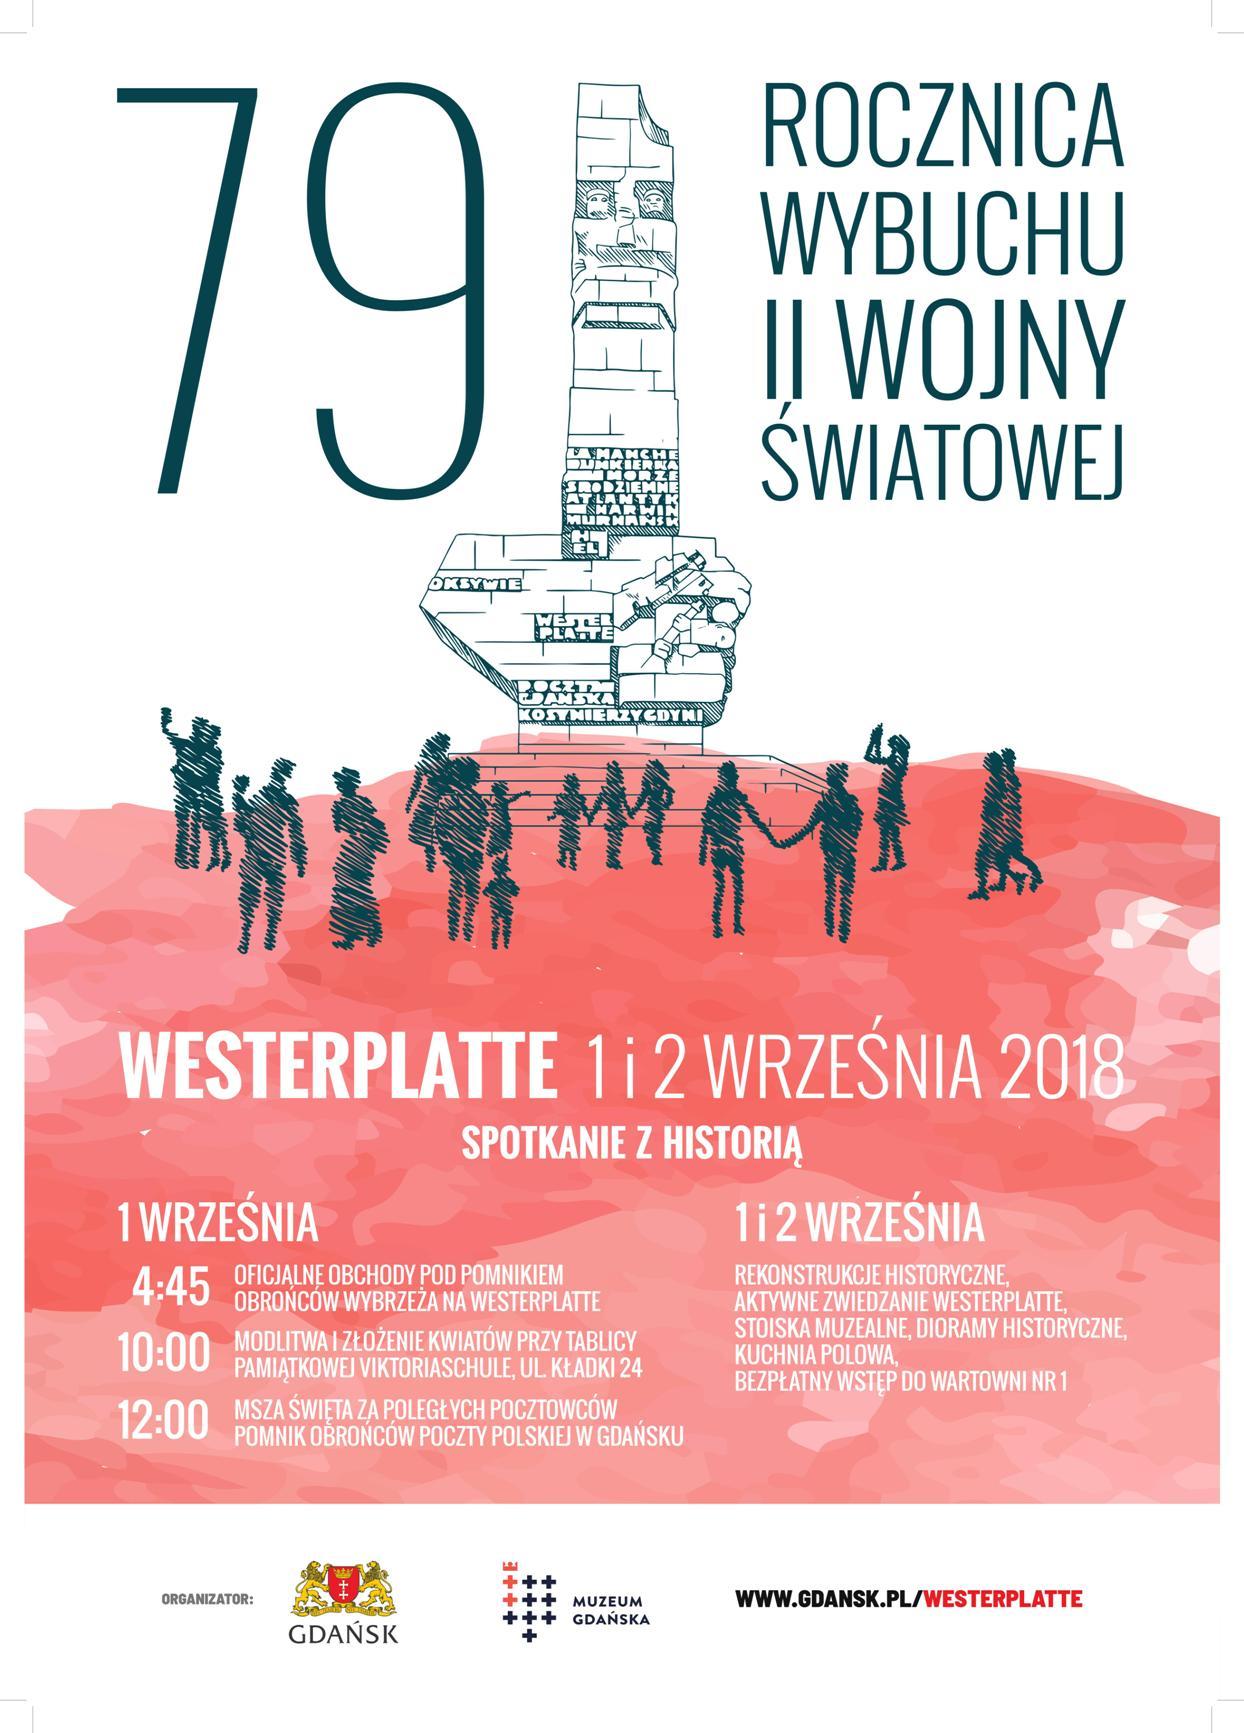 Plakat 79. rocznica wybuchu II wojny światowej